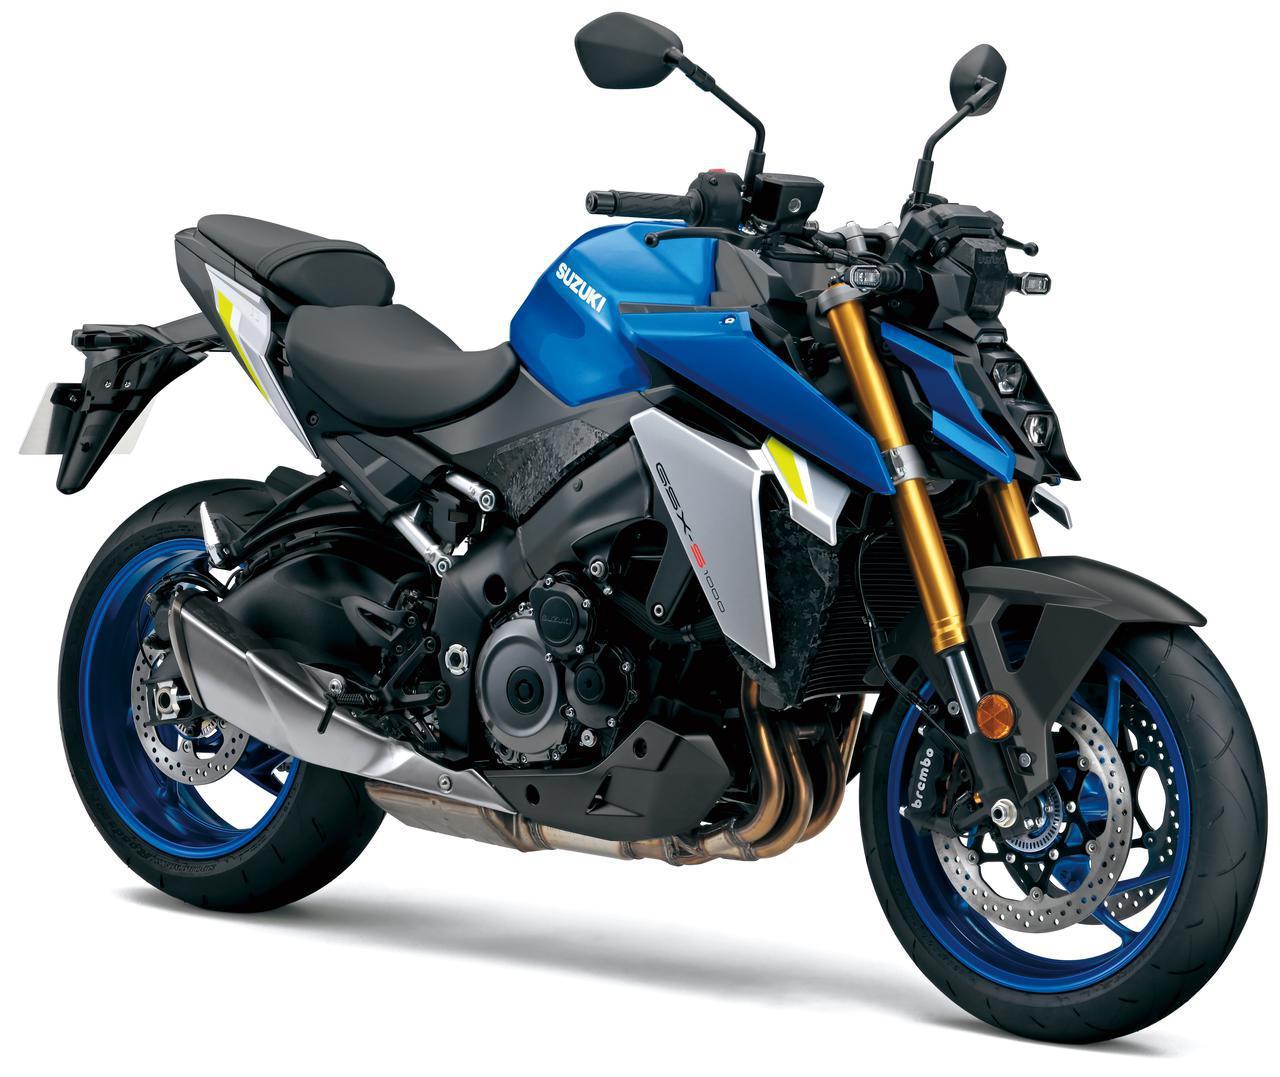 画像: SUZUKI GSX-S1000 欧州仕様・2021年モデル 総排気量:999cc エンジン形式:水冷4ストDOHC並列4気筒 シート高:810mm 車両重量:214kg 国内発売日:未定 税込価格:未定